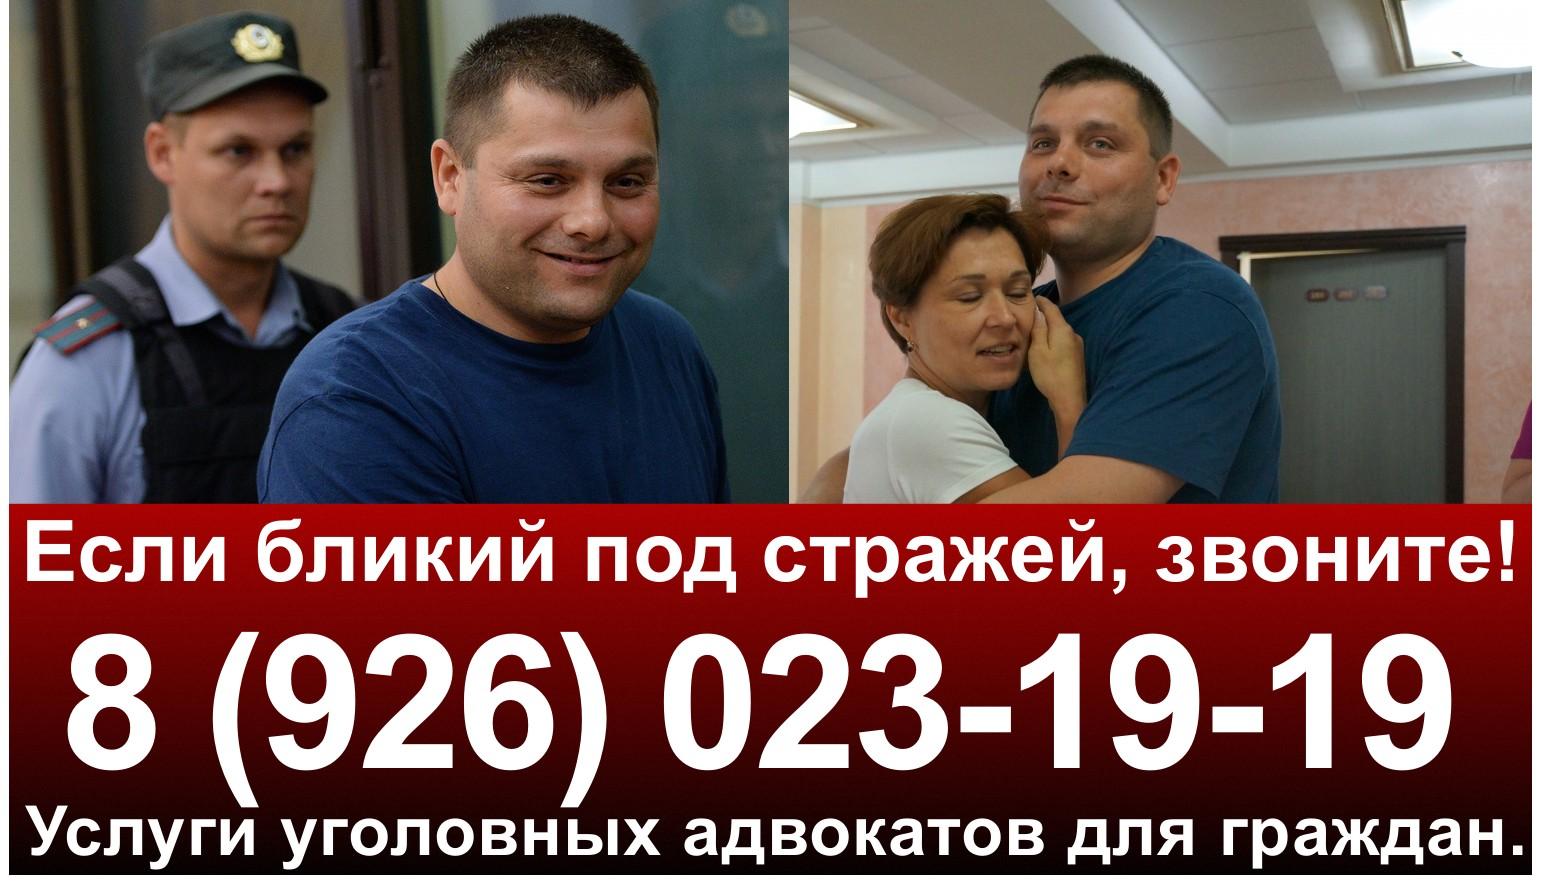 Москва уголовный адвокат дешево